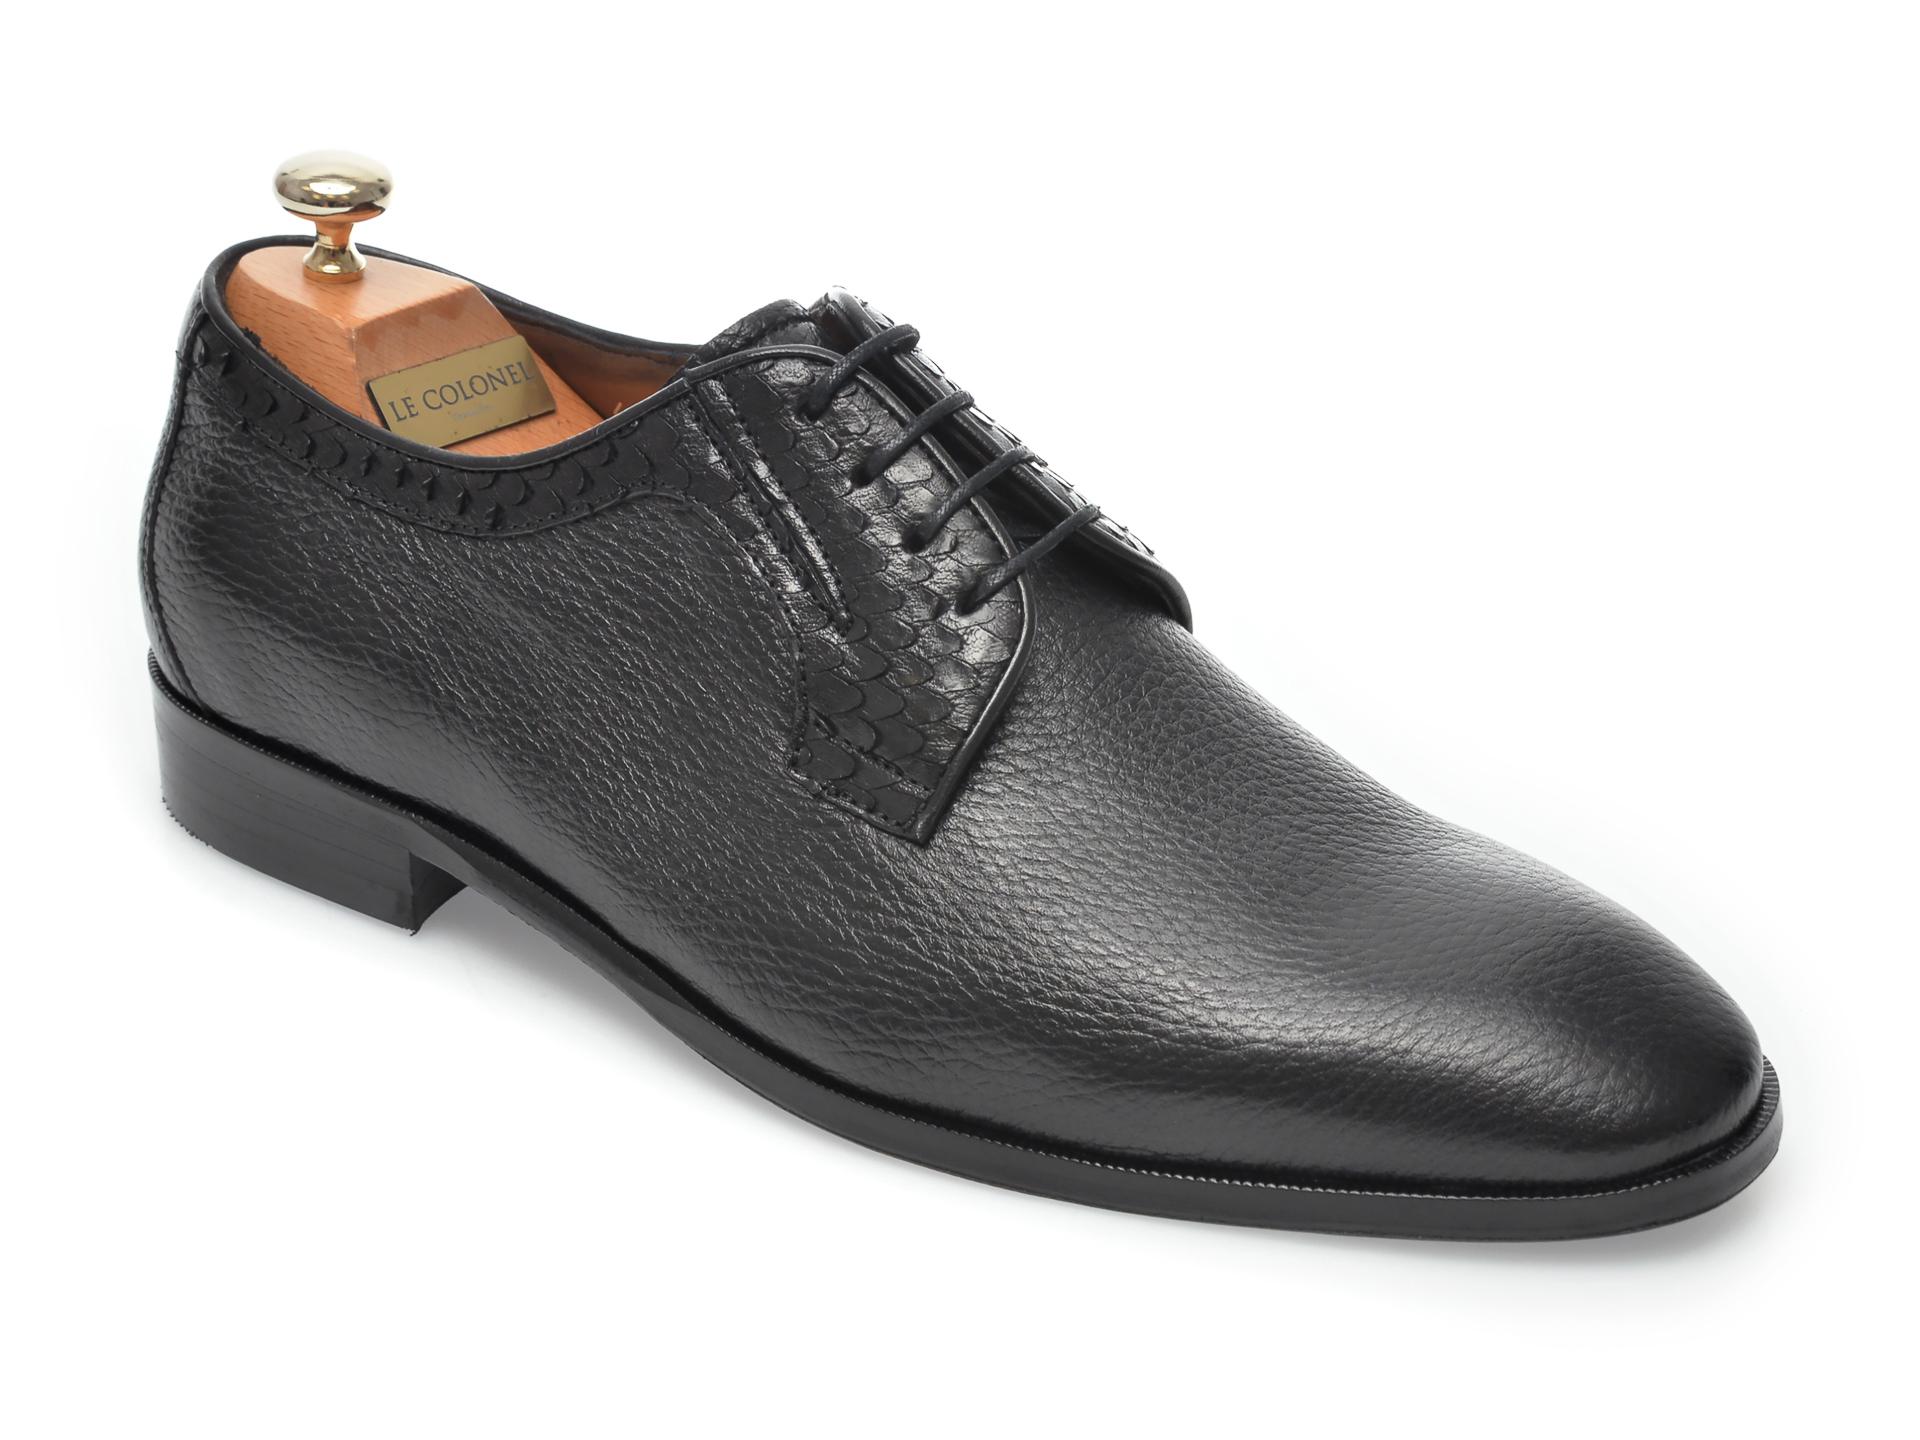 Pantofi LE COLONEL negri, 48711, din piele naturala imagine otter.ro 2021